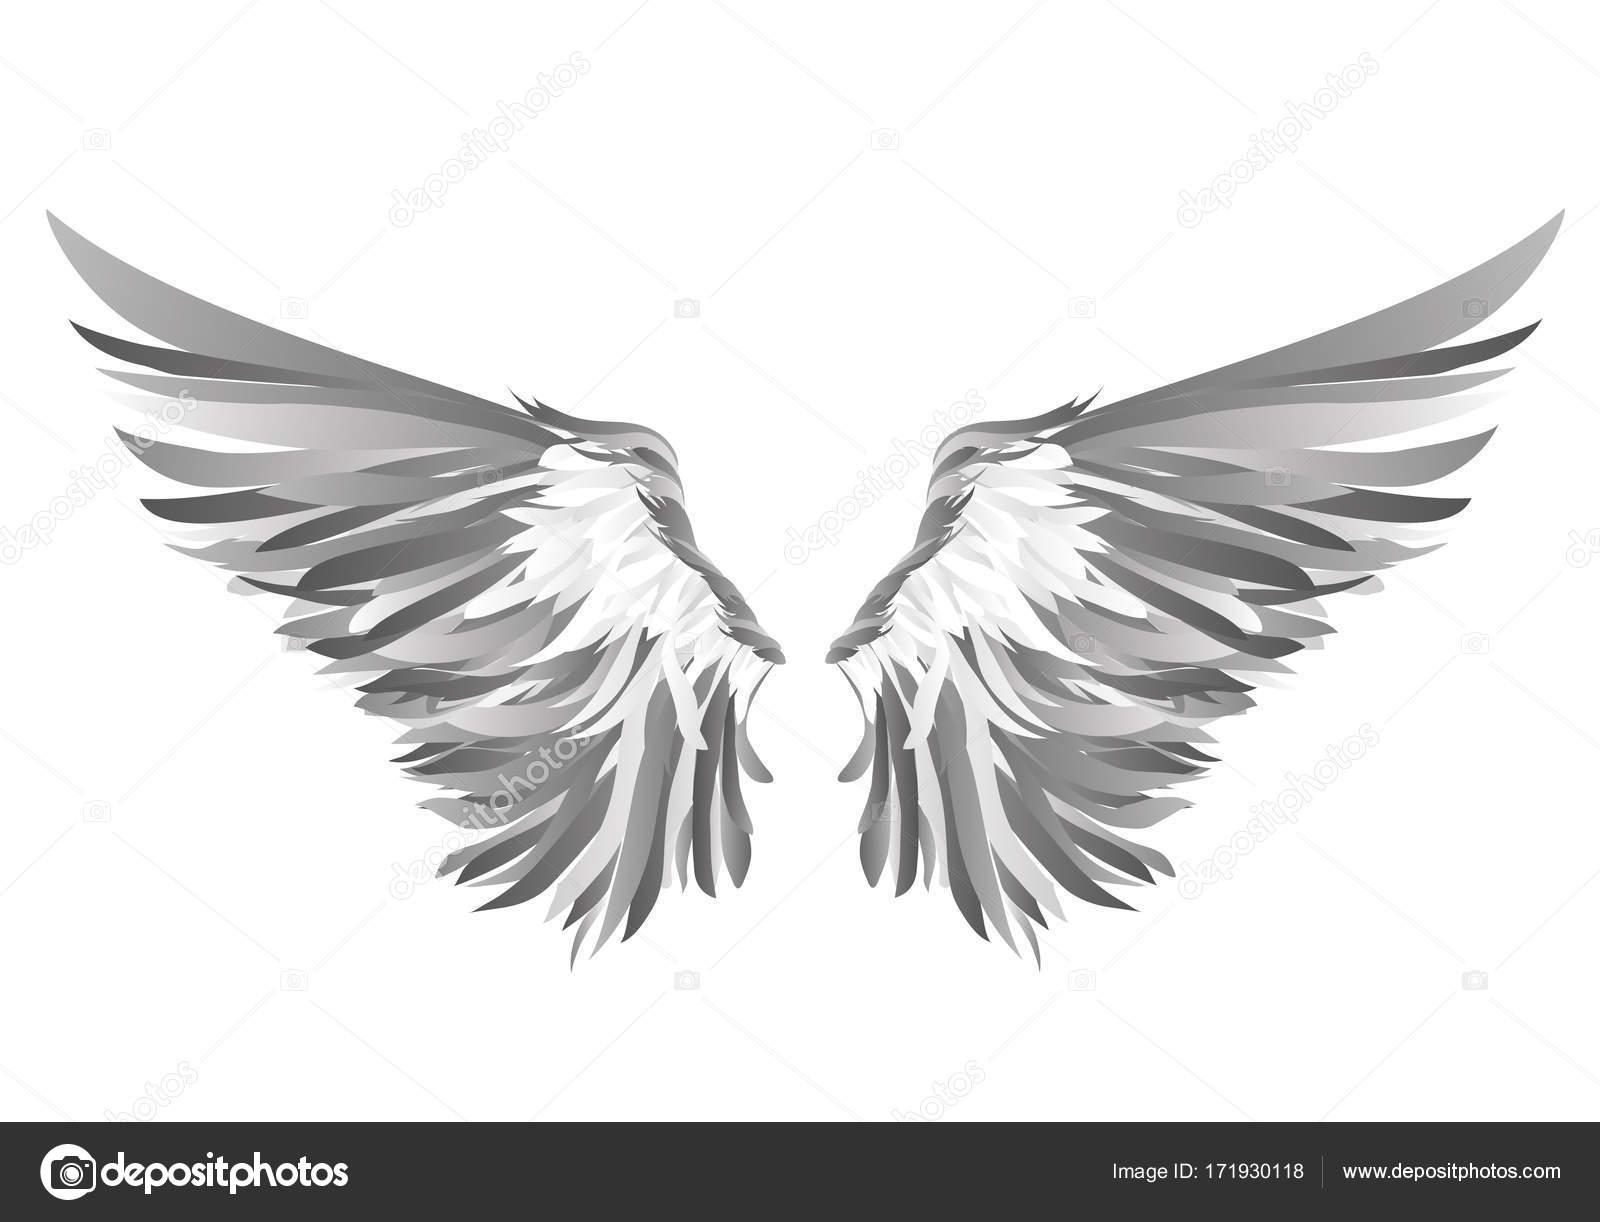 Dibujos Corazones Con Alas De Angel Y Demonio A Lapiz Las Alas